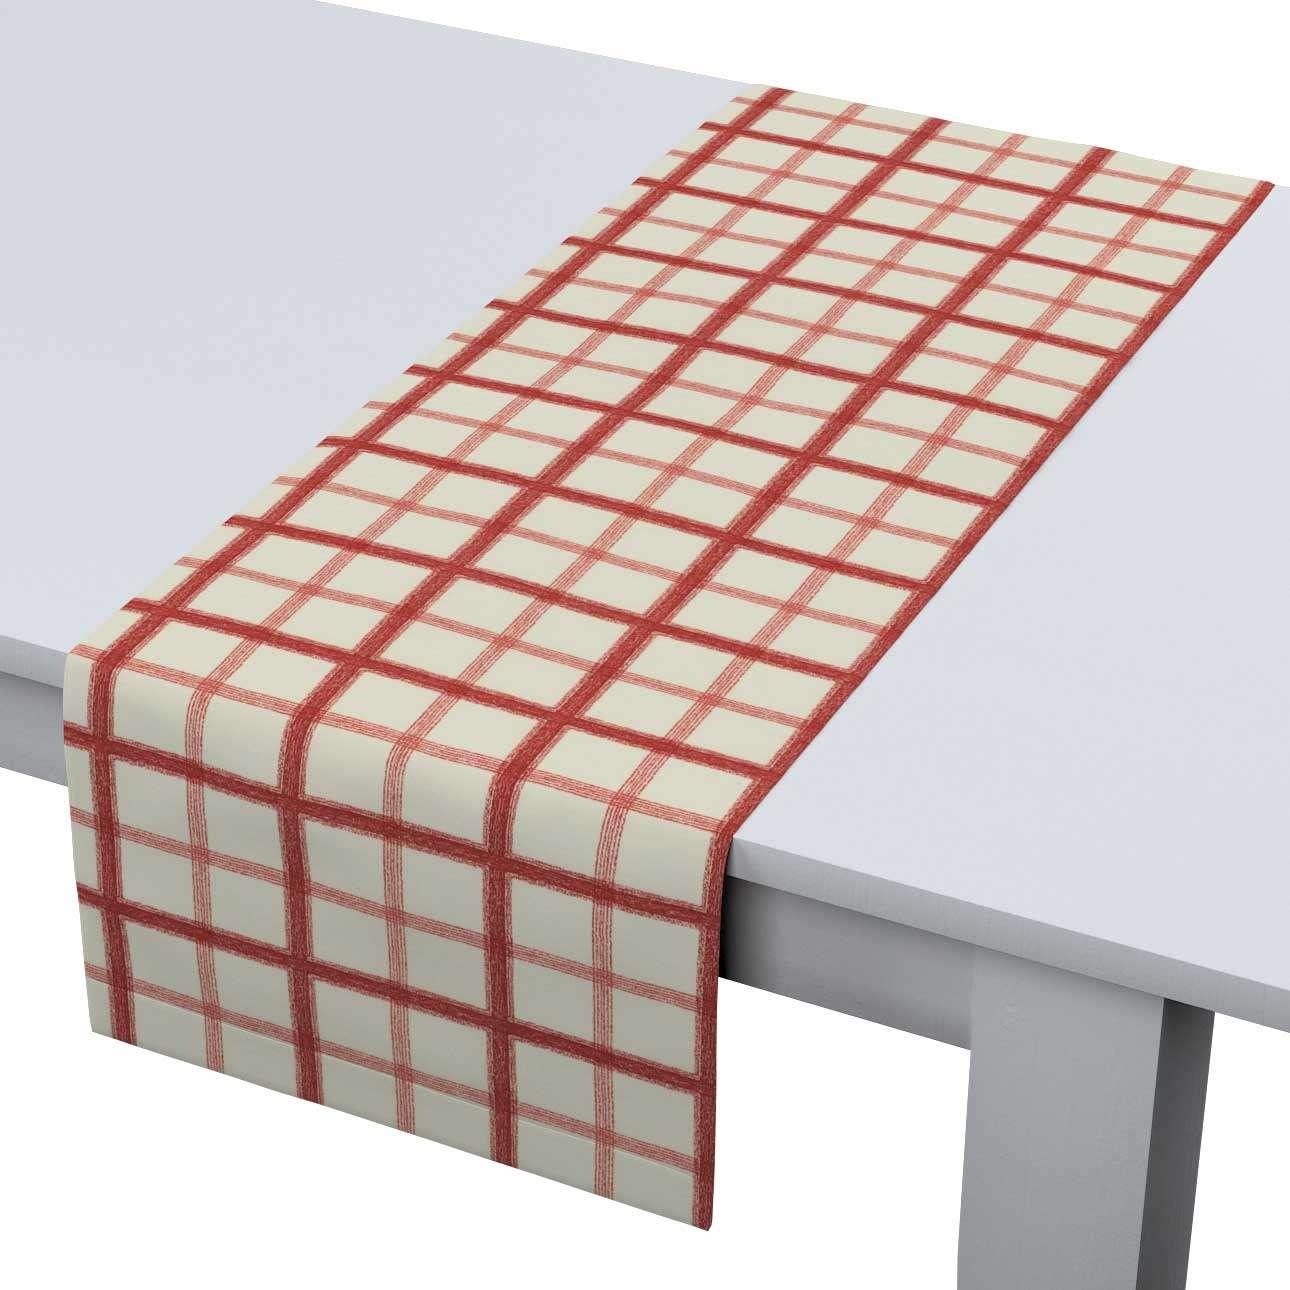 Rechteckiger Tischläufer 40 x 130 cm von der Kollektion Avinon, Stoff: 131-15